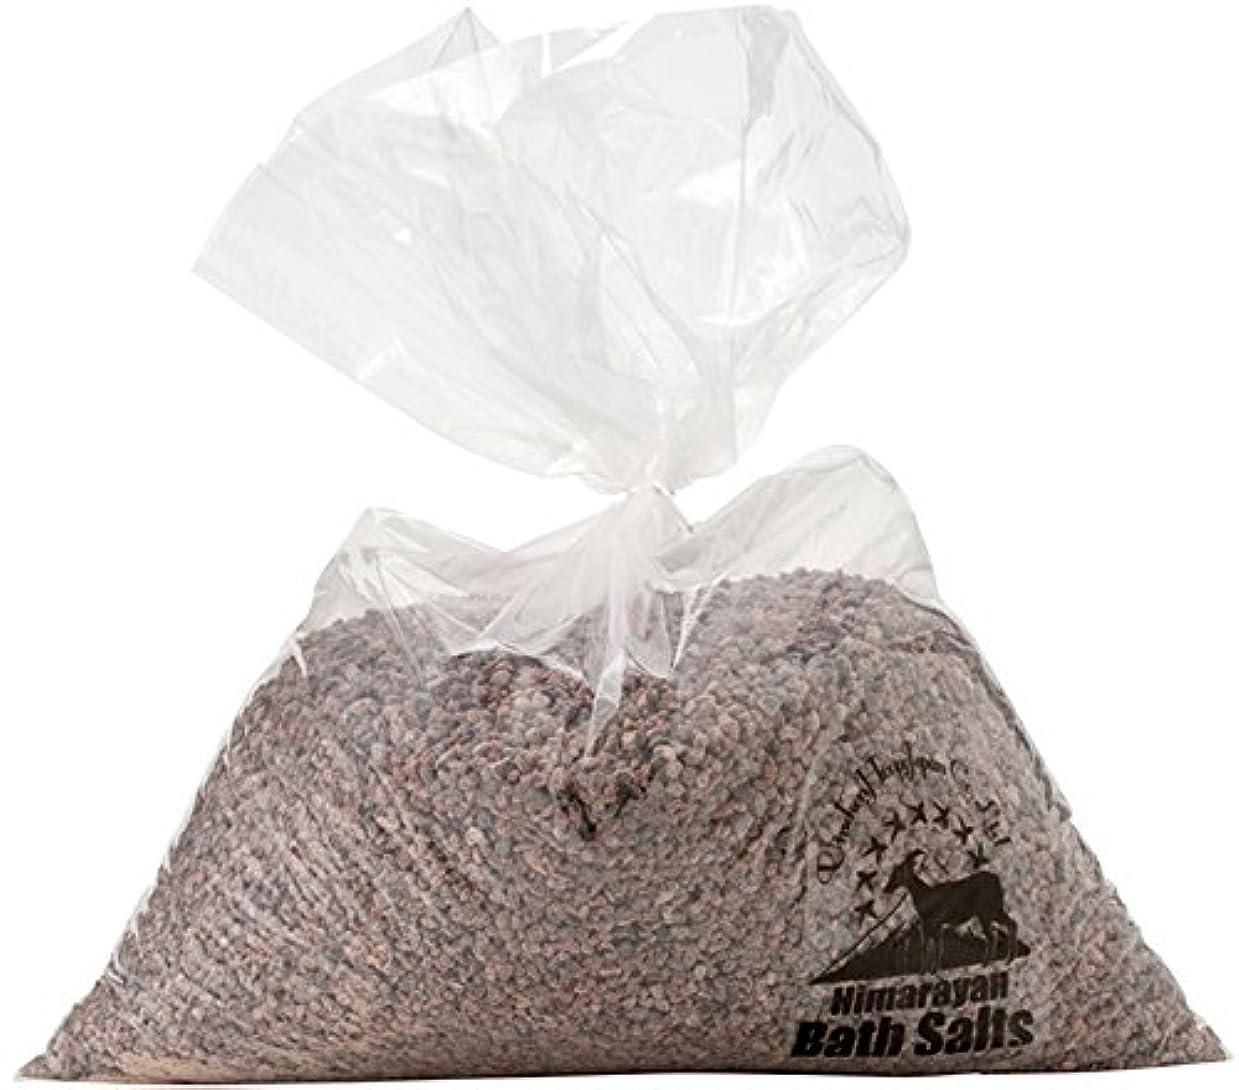 代理店厳密にガレージヒマラヤ岩塩 バスソルト ブラック 小粒 5kg